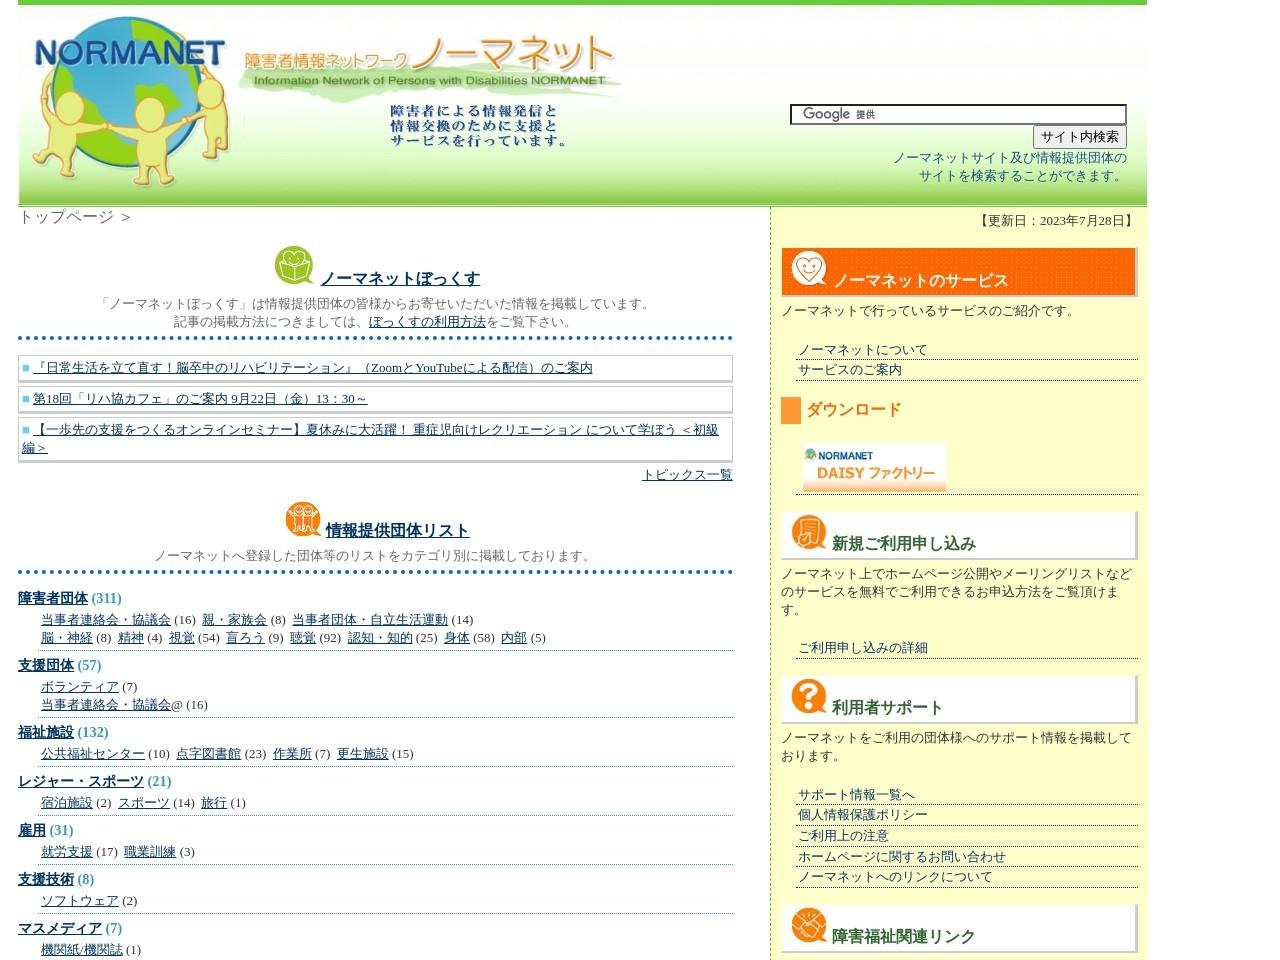 http://www.normanet.ne.jp/~tsk/